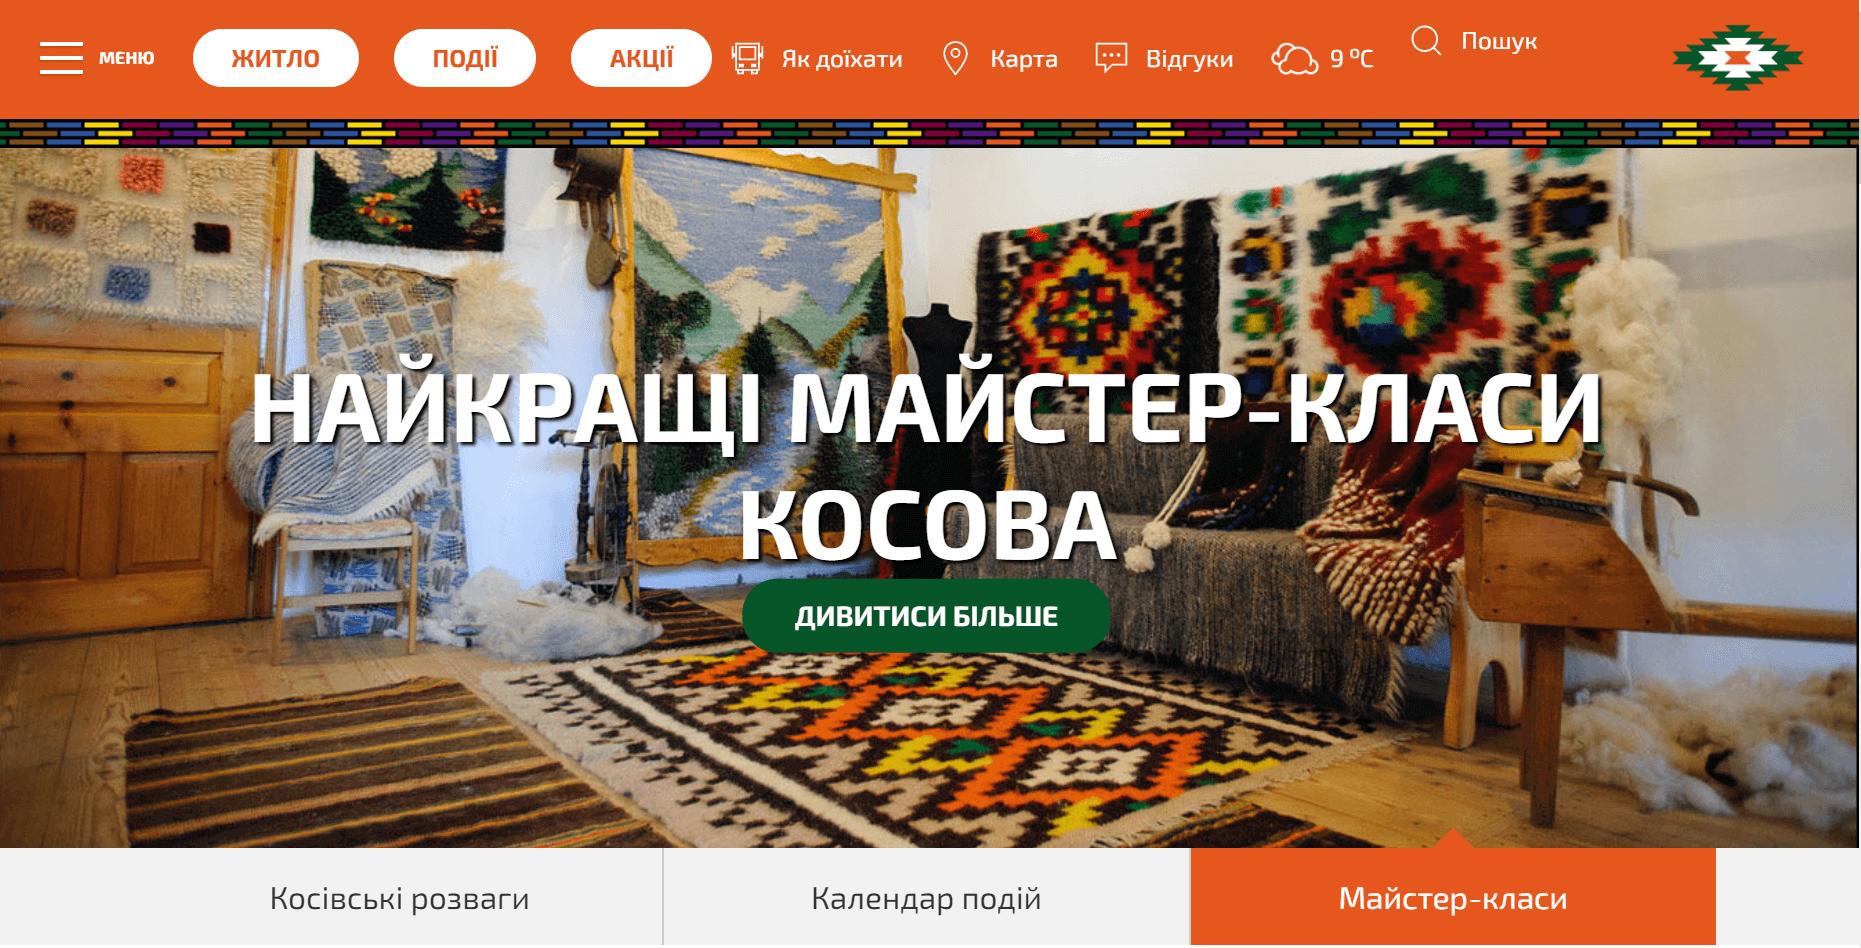 Косівщина отримала новий туристичний сайт